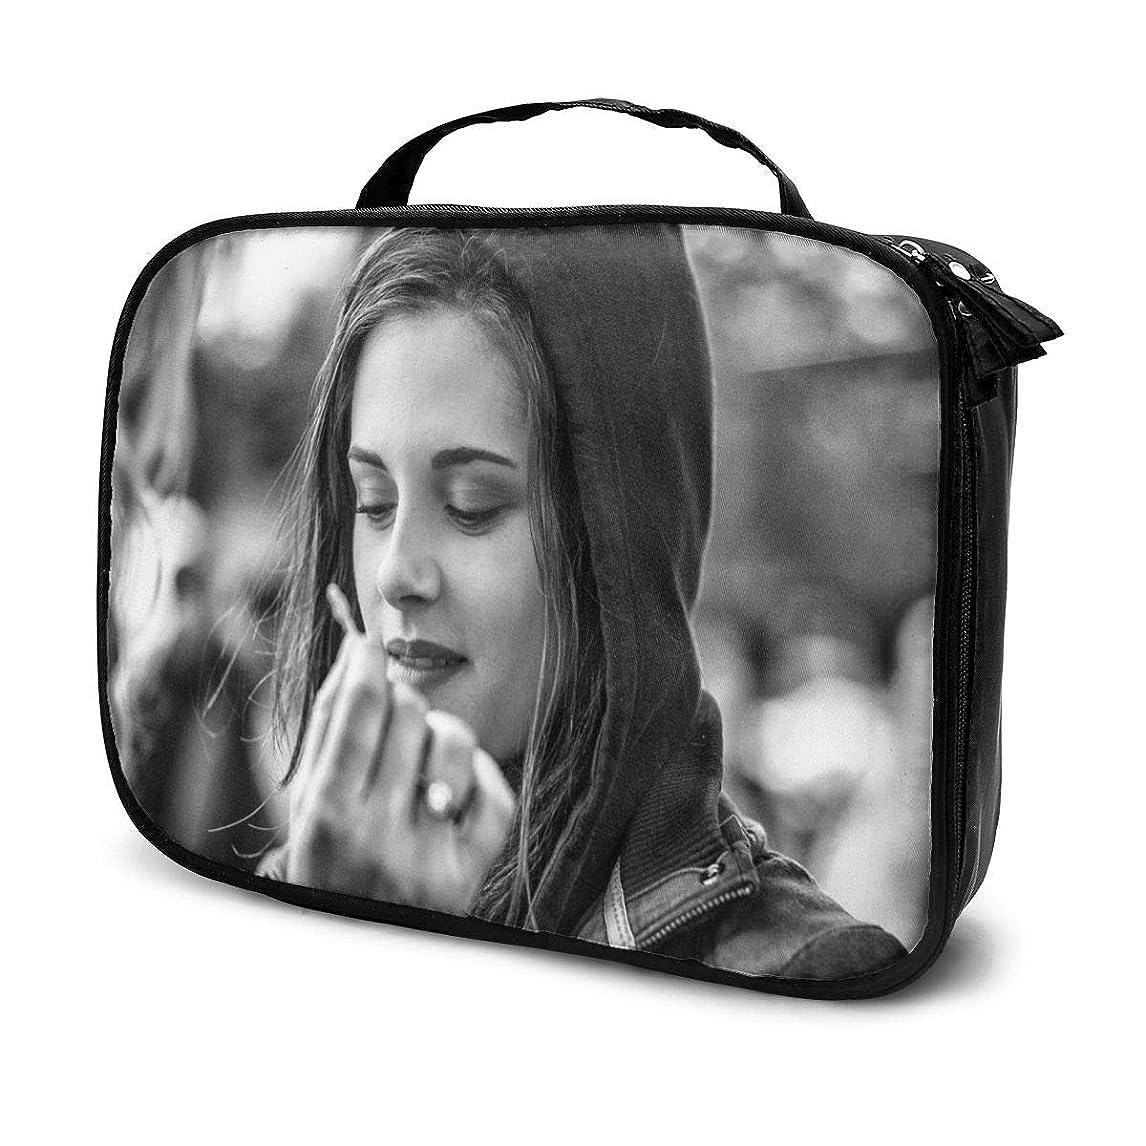 グローモッキンバード鎖化粧ポーチ 俳優Kristen Stewart 女性化粧品バッグ ビューティー メイク道具 フェイスケアツール 化粧ポーチメイクボックス ホーム、旅行、ショッピング、ショッピング